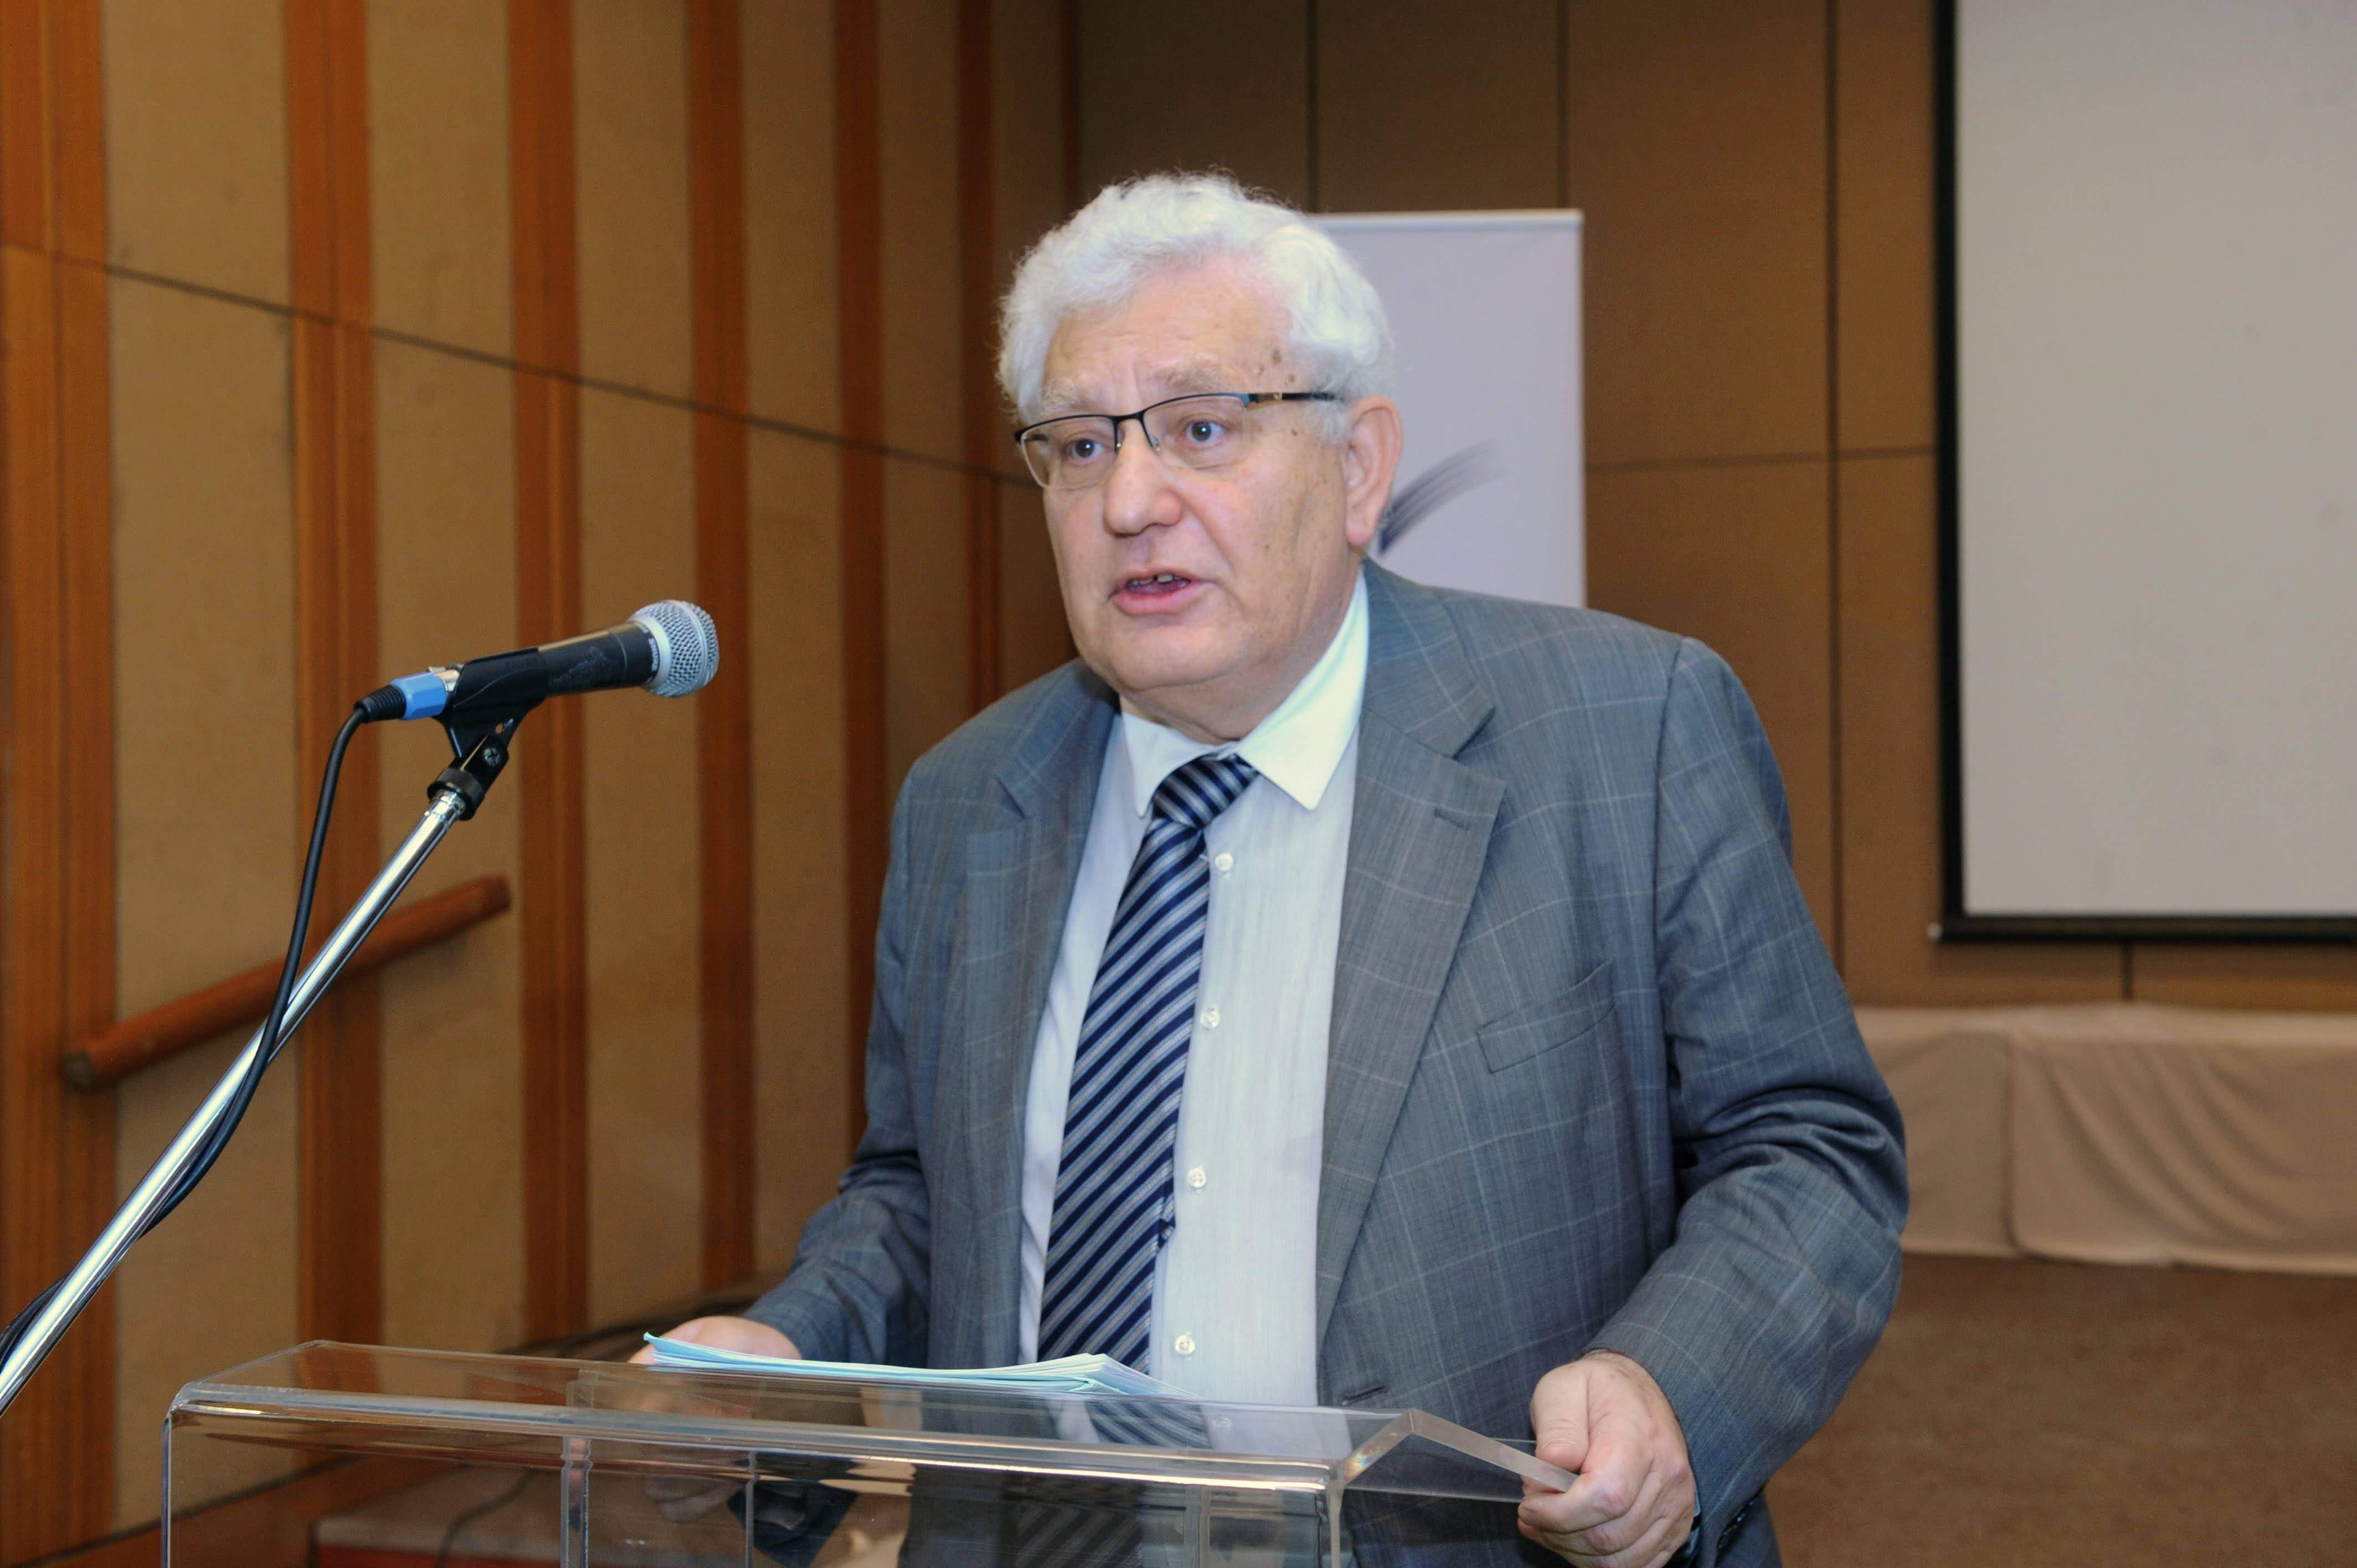 Az OSZK alapítási ünnepsége alkalmából 2019. november 19-én rendezett belső ünnepségen a Széchényi-emlékérem tavalyi díjazottja, Heltai János, a Könyv- és Művelődéstörténeti Kutatások Osztálya munkatársa megtartja előadását.